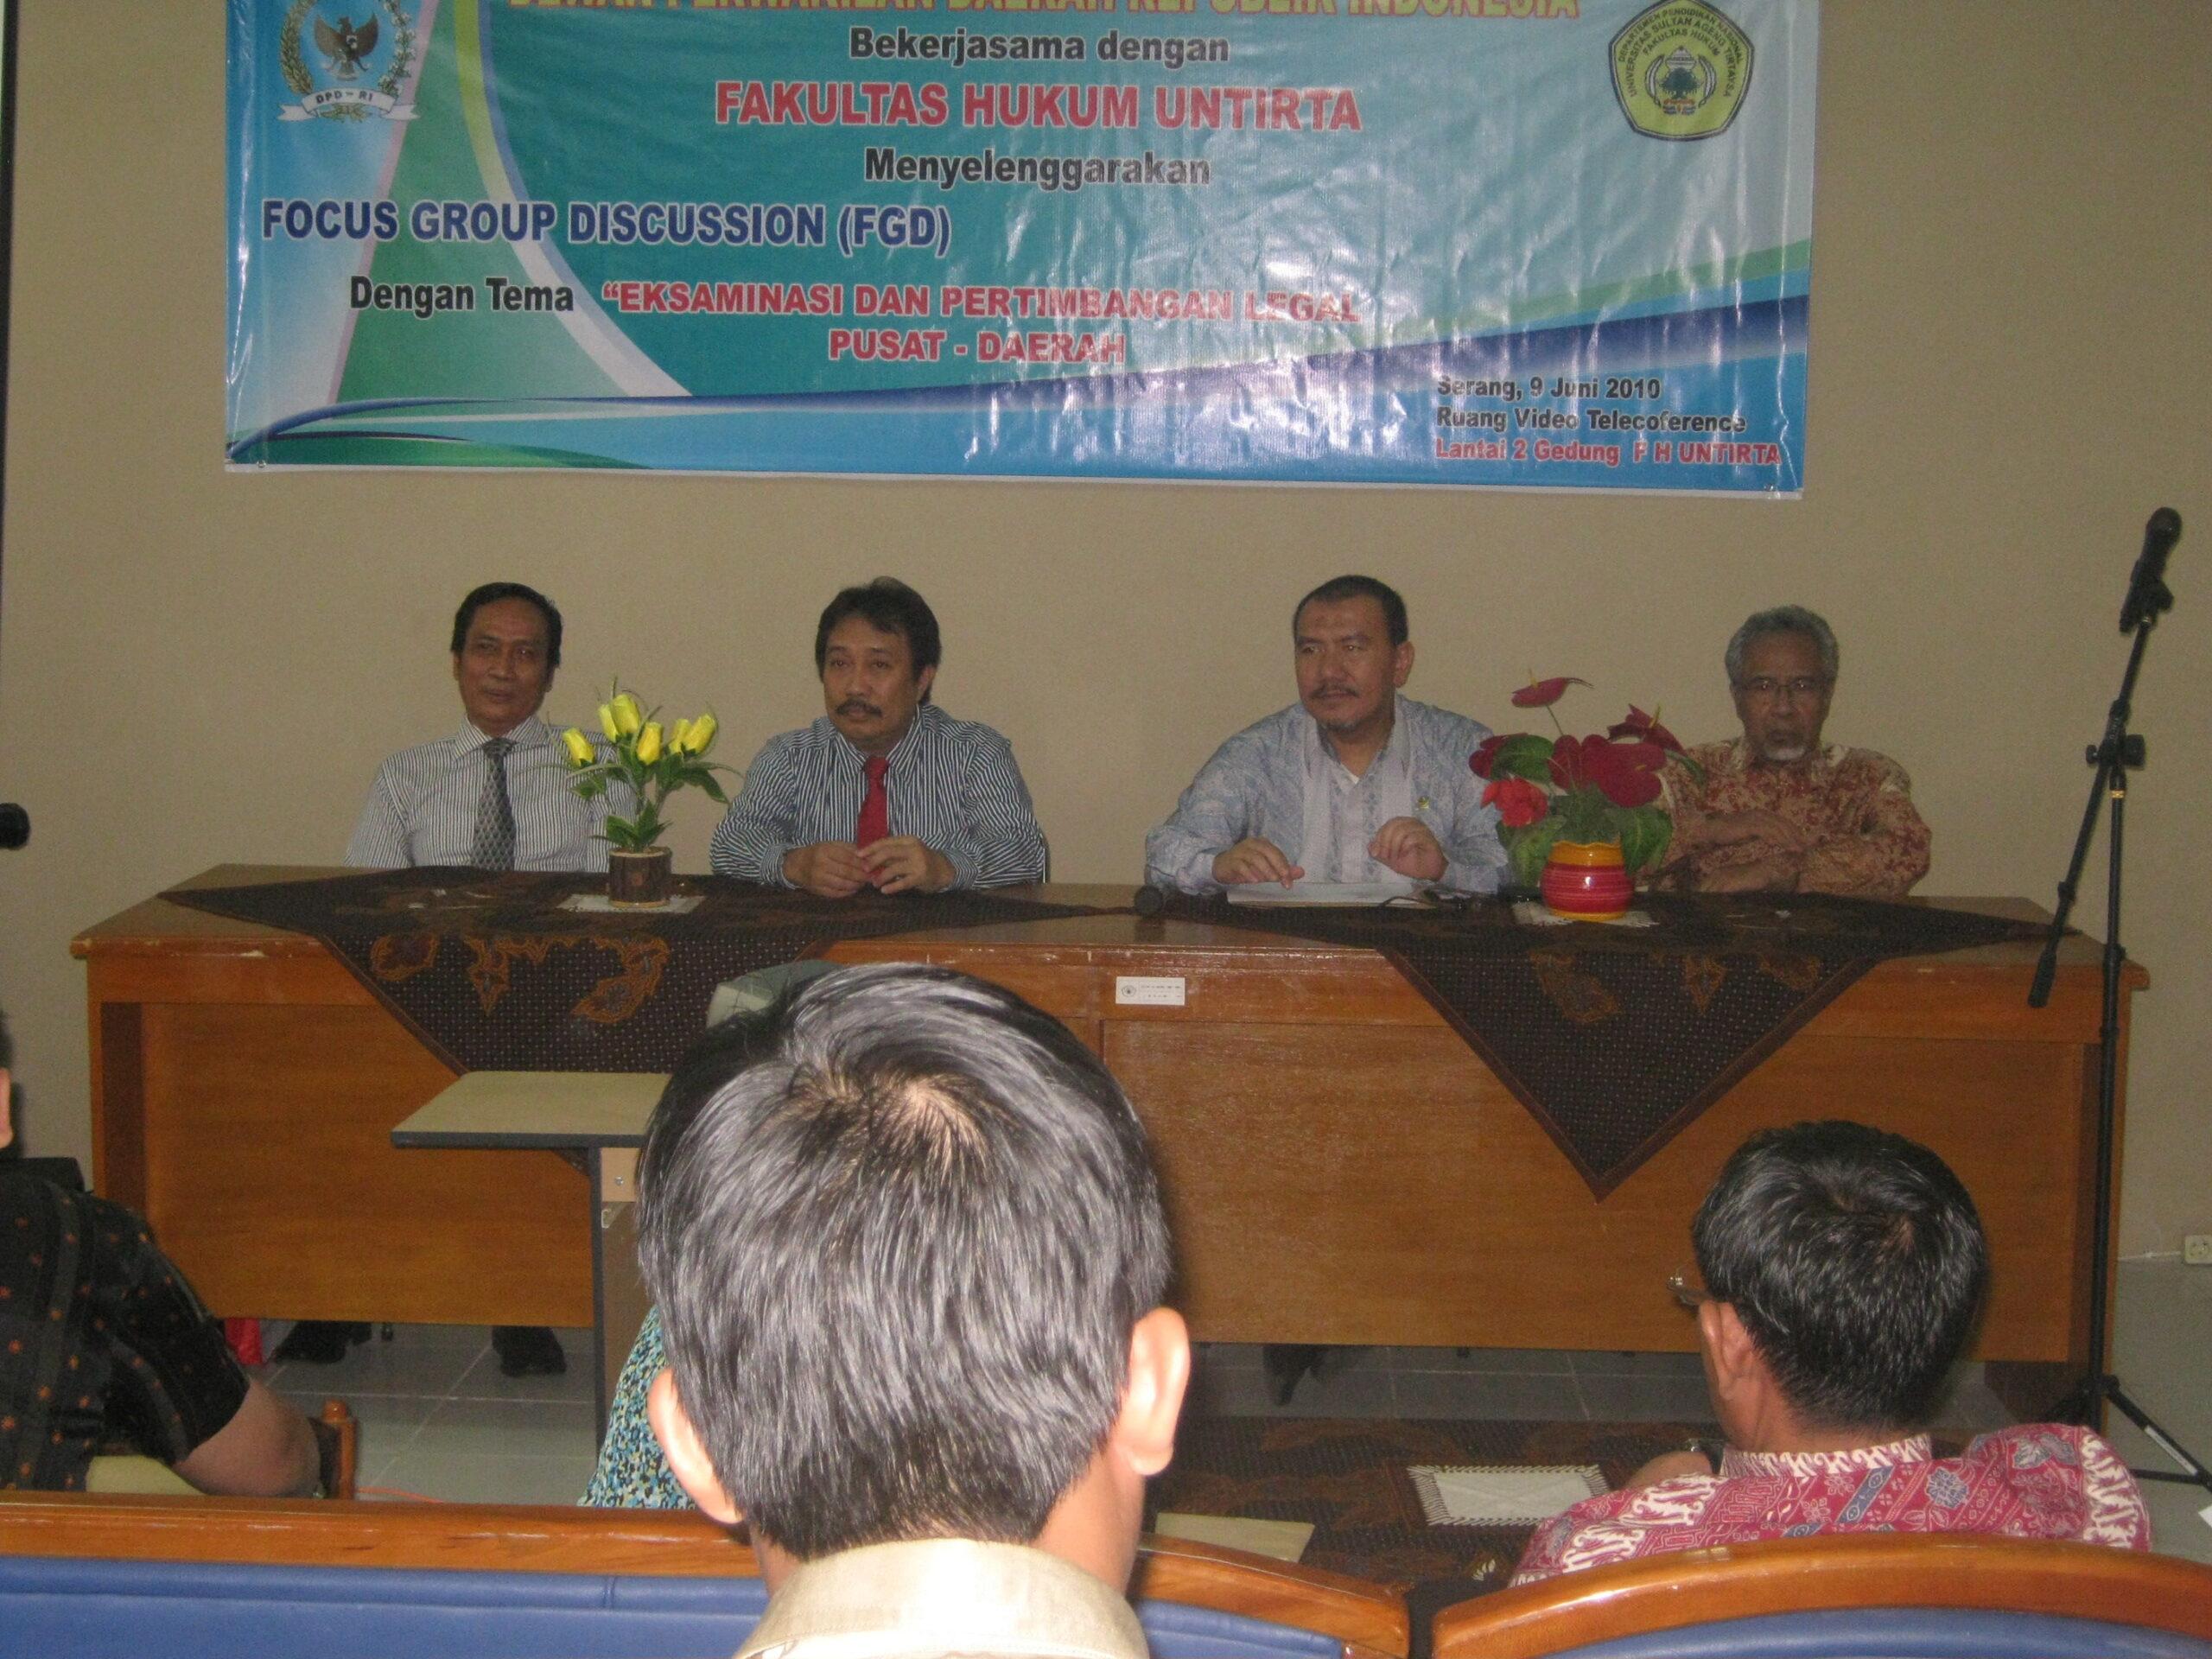 Pembukaan FGD DPD RI dengan FH Untirta 2010